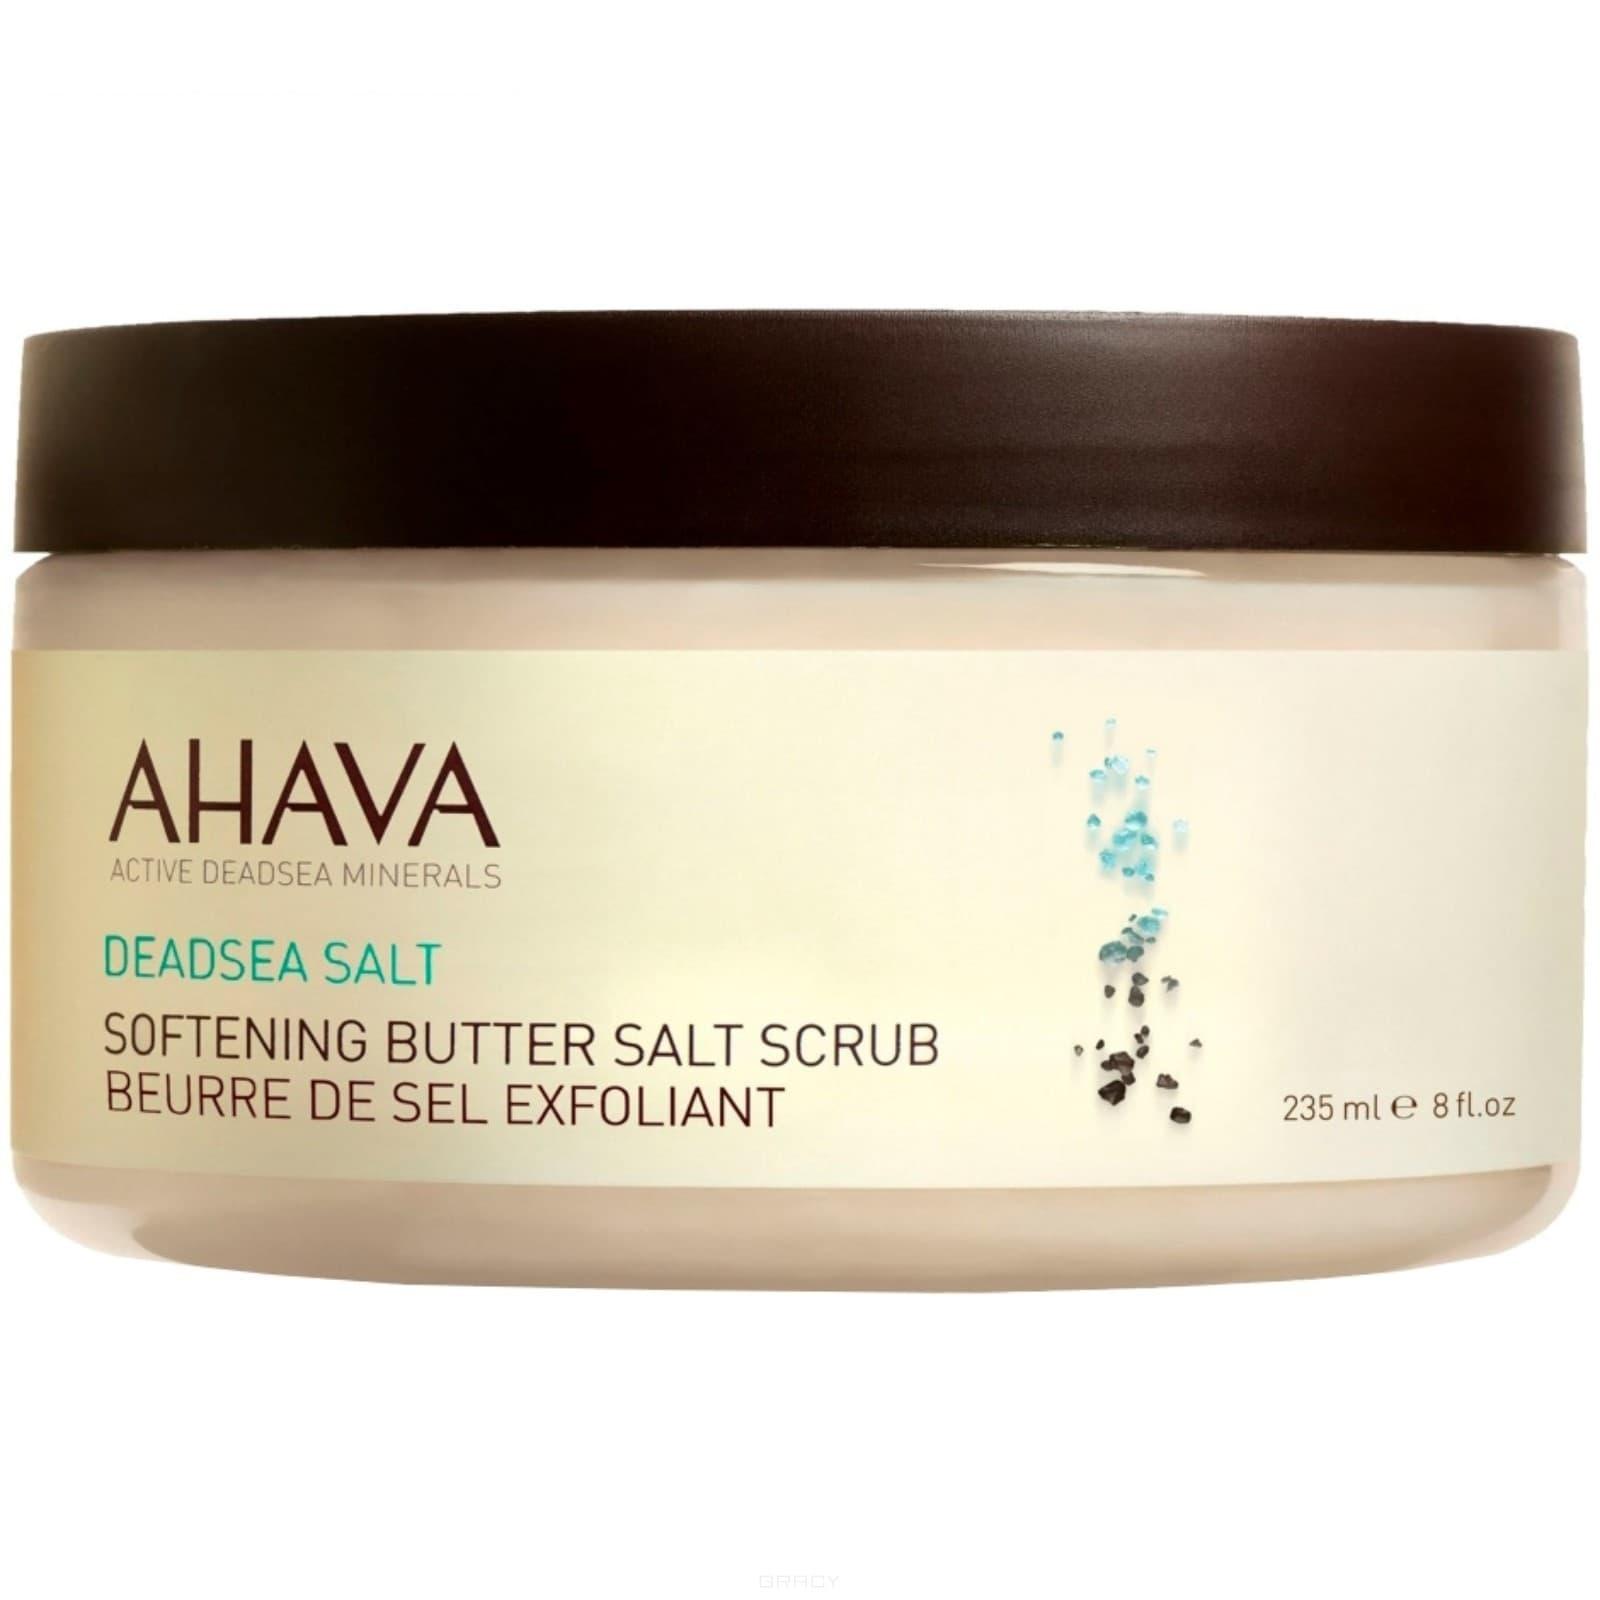 Ahava Смягчающий масляно-солевой скраб Deadsea Salt, 235 мл , Смягчающий масляно-солевой скраб Deadsea Salt, 235 мл , 235 мл недорого